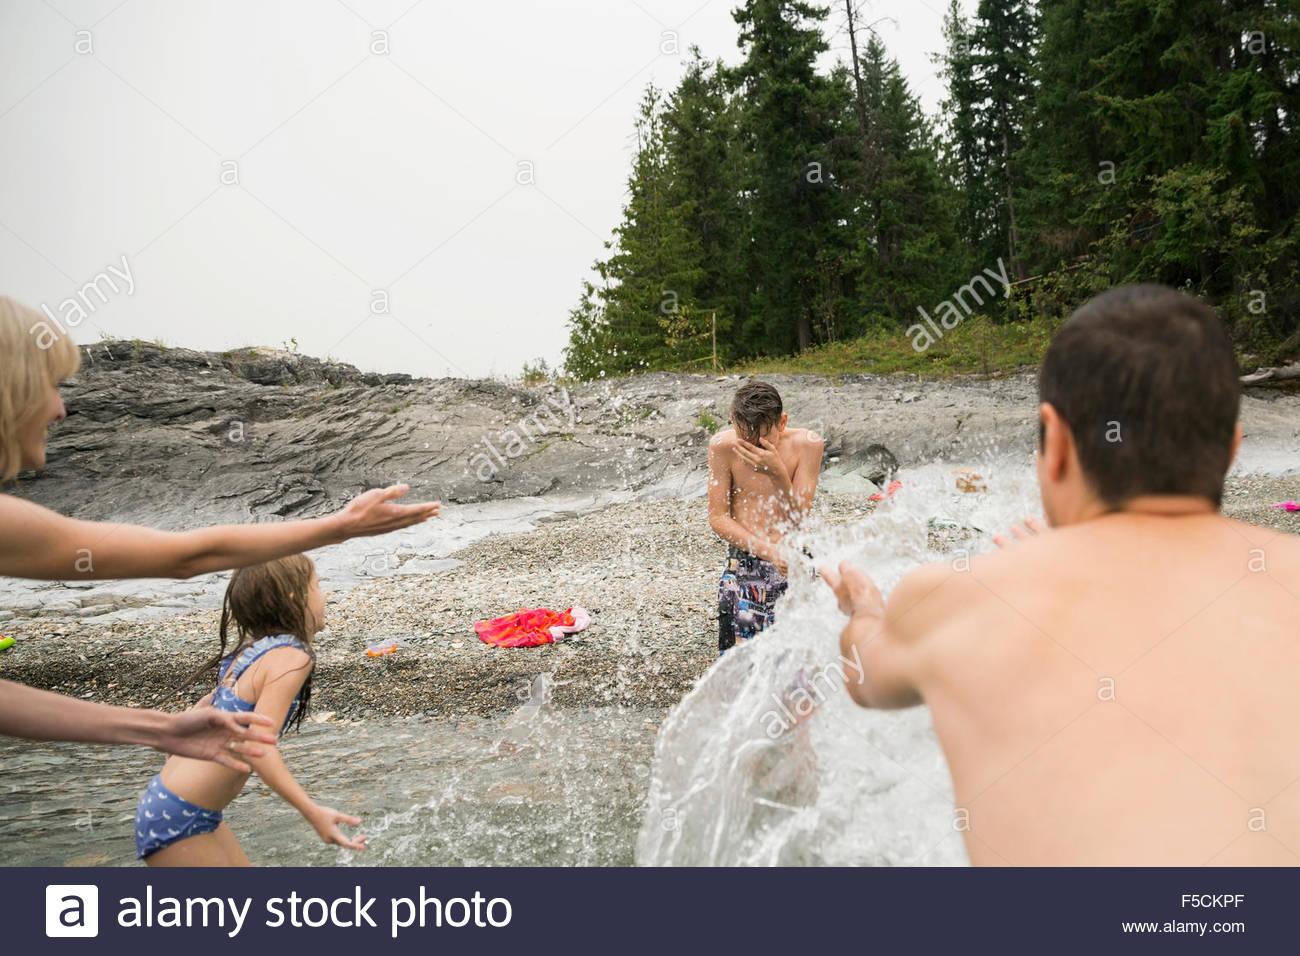 Famiglia giocoso schizzi figlio nel lago Immagini Stock